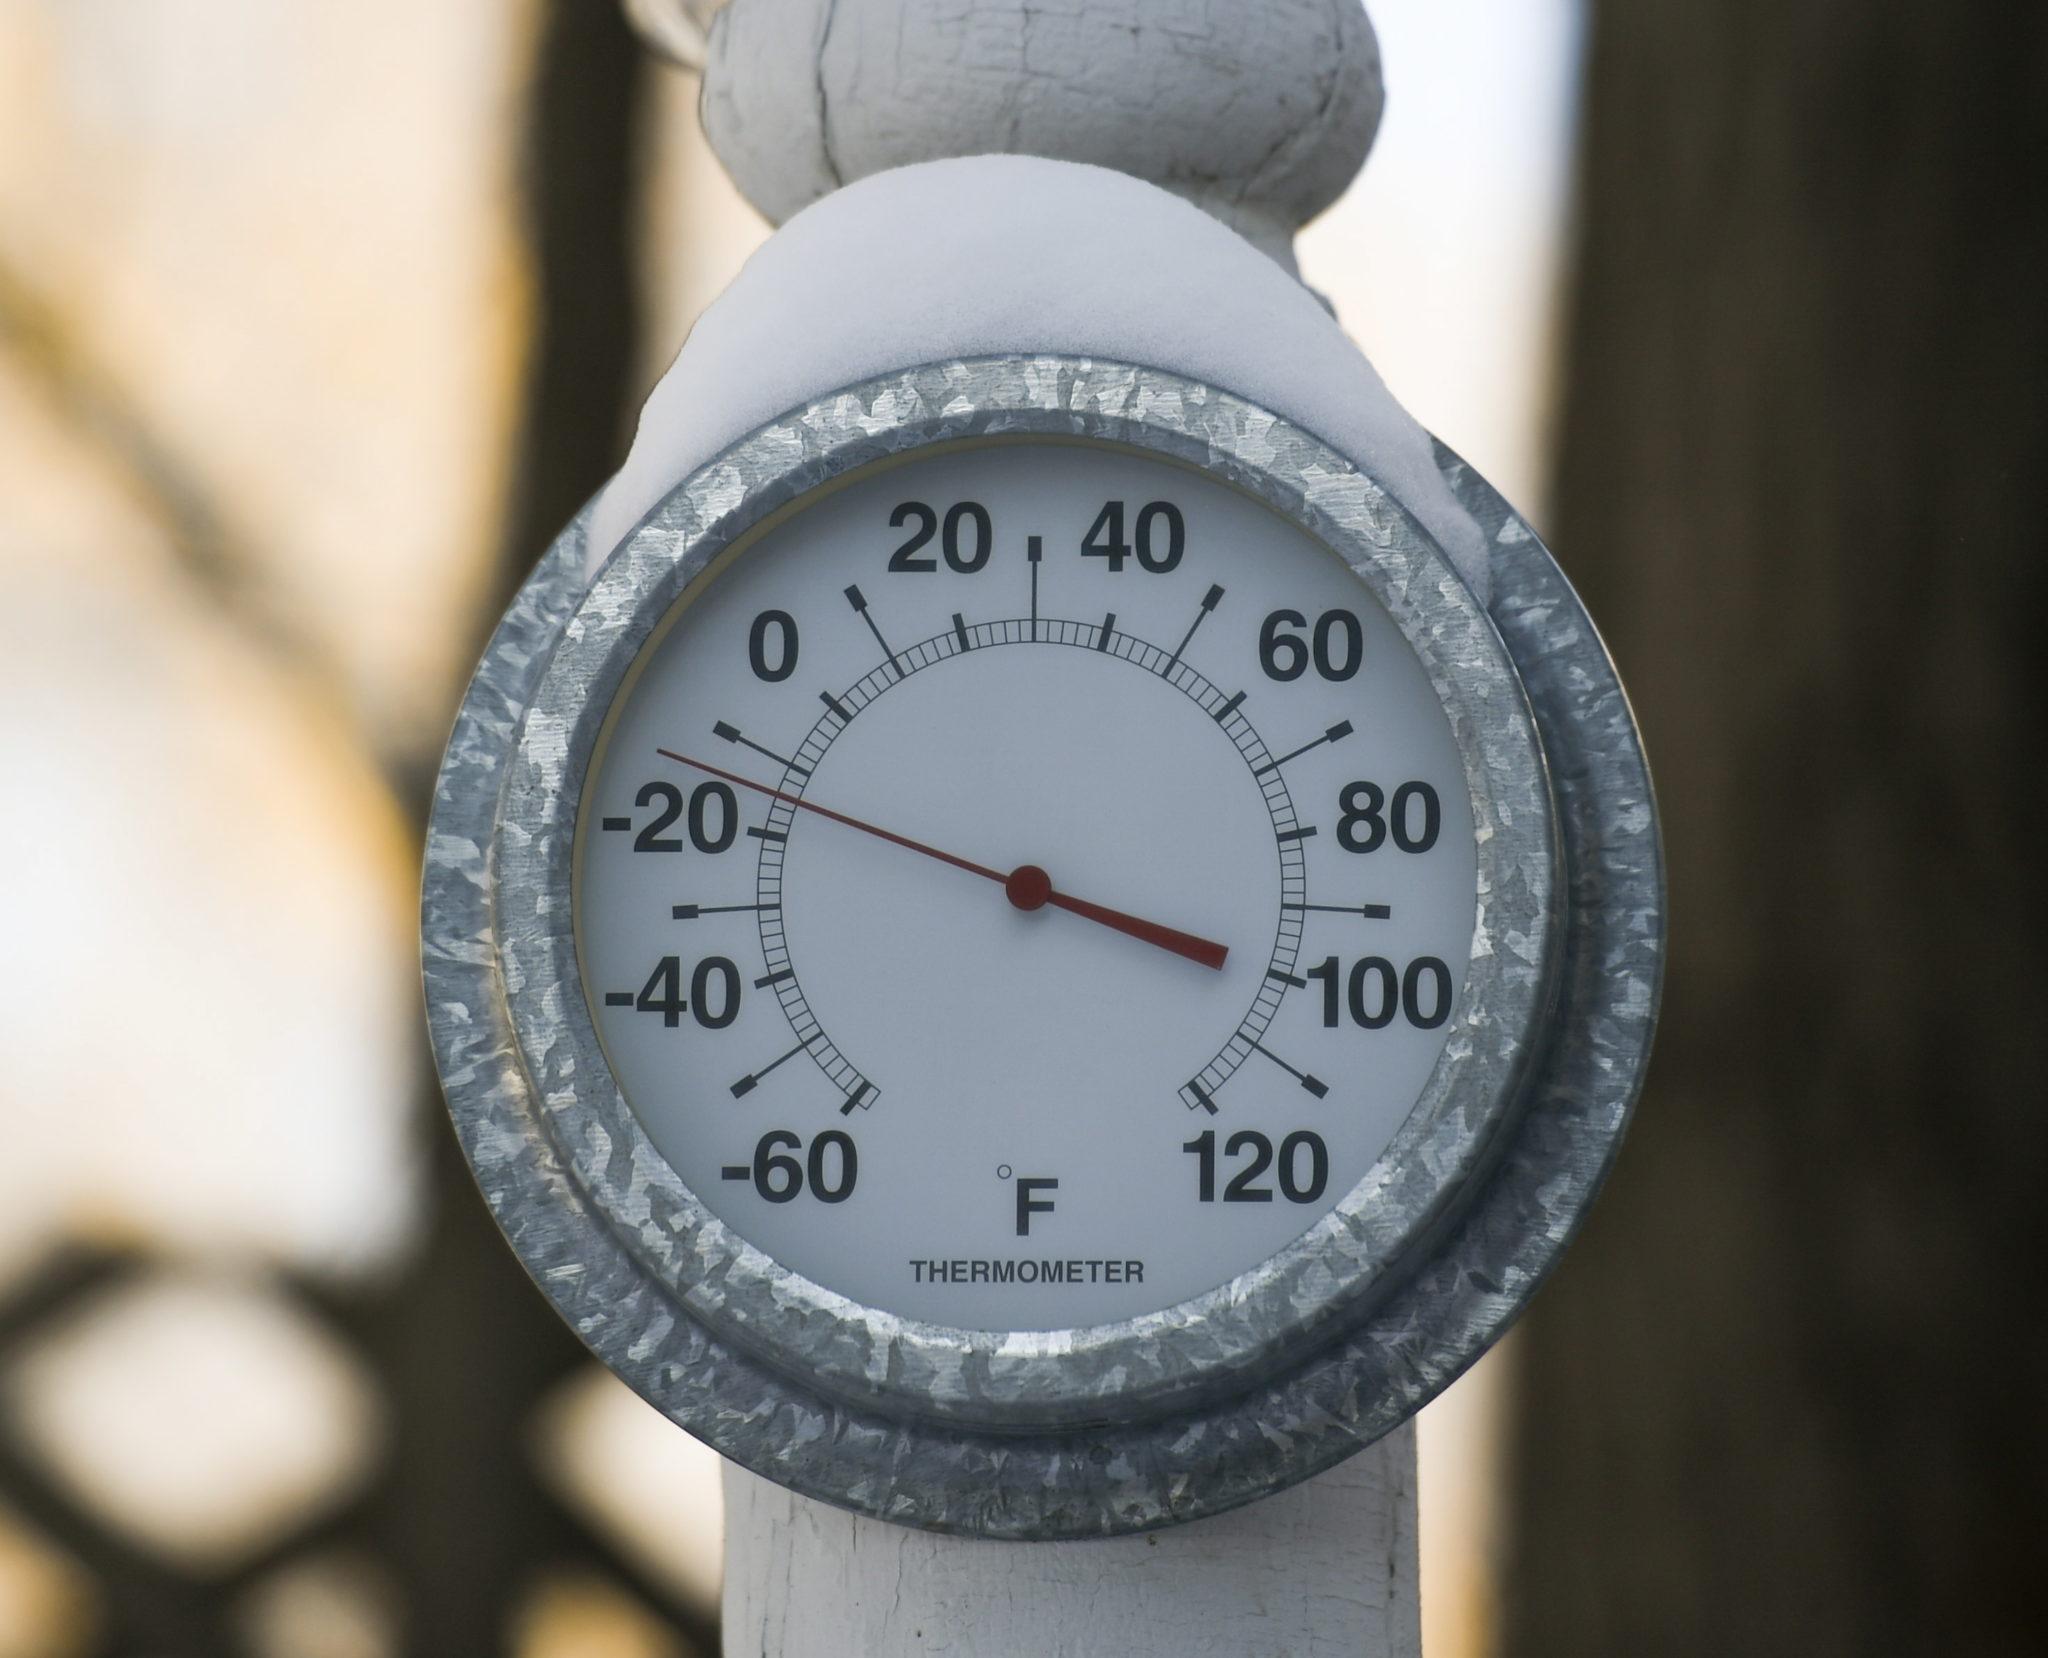 Temperatura spadła w niektórych regionach nawet do -30, -40 stopni Celsjusza, fot CRAIG LASSIG, PAP/EPA.